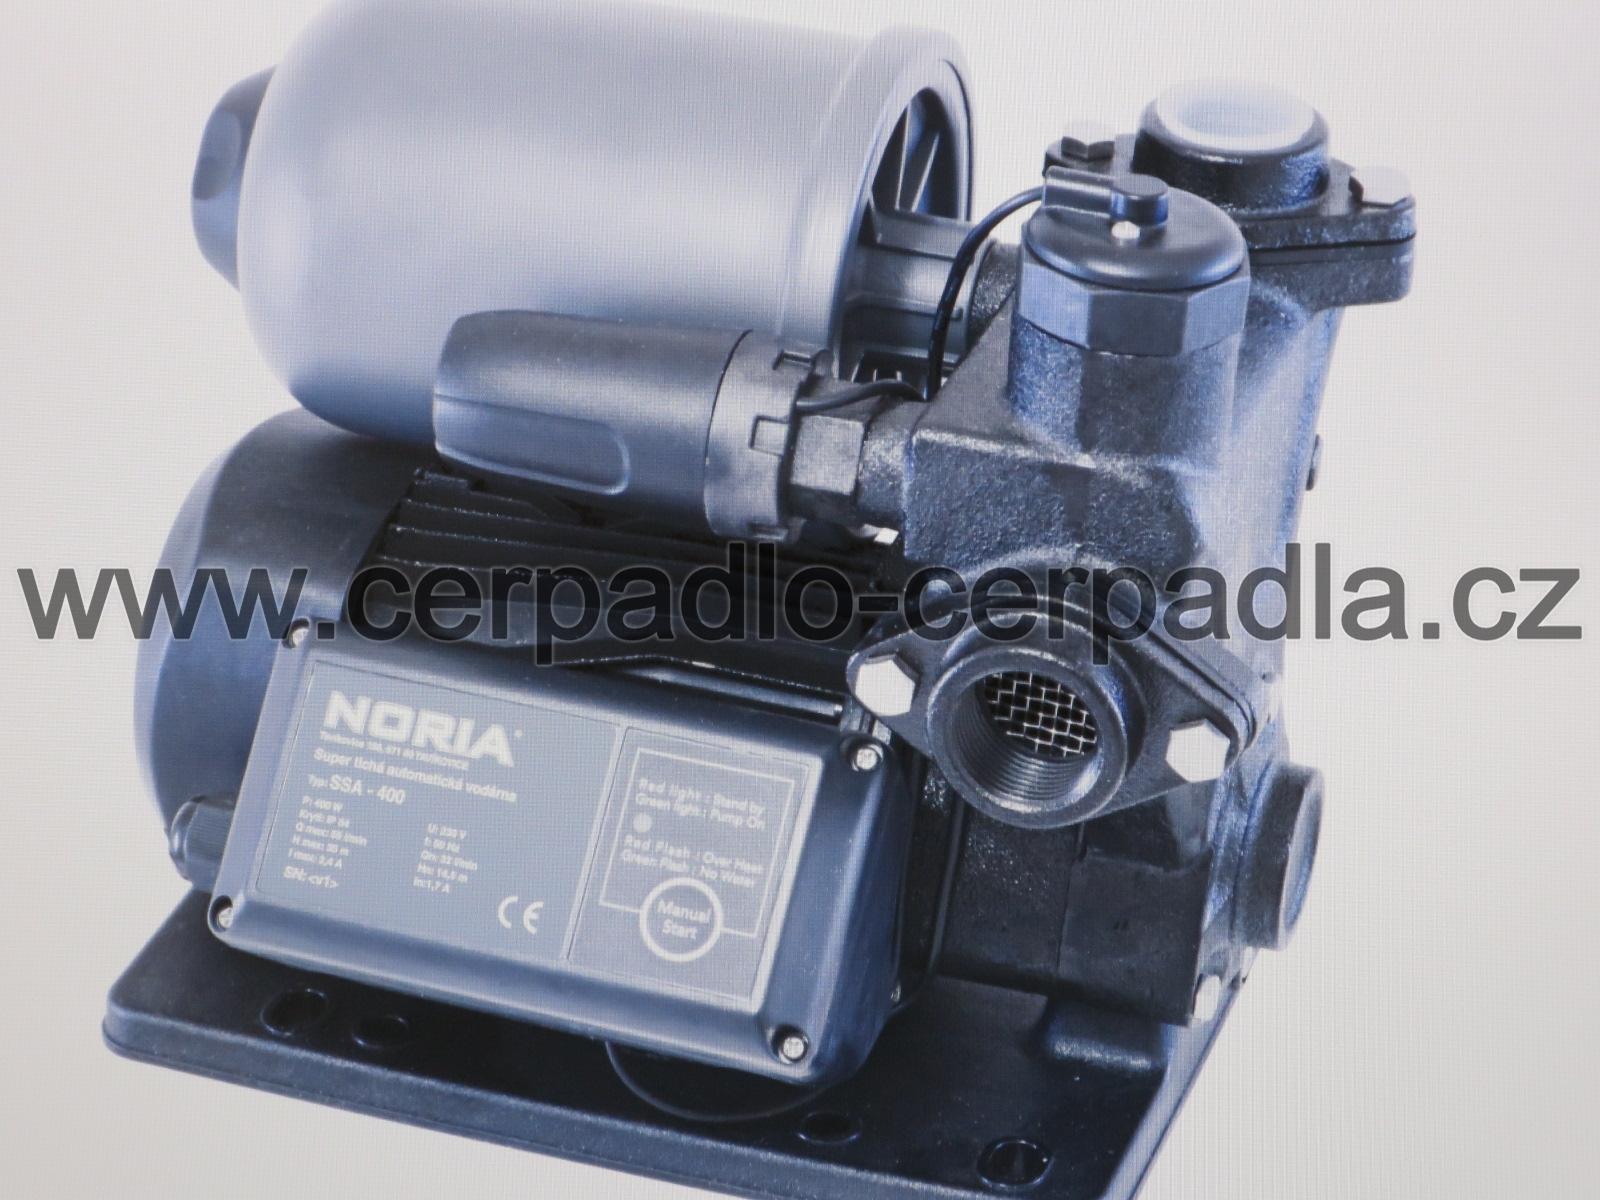 SSA-800, automatická vodárna NORIA, 230V (super tichá automatická vodárna, SSA-800, záruka 3 roky, DOPRAVA ZDARMA)